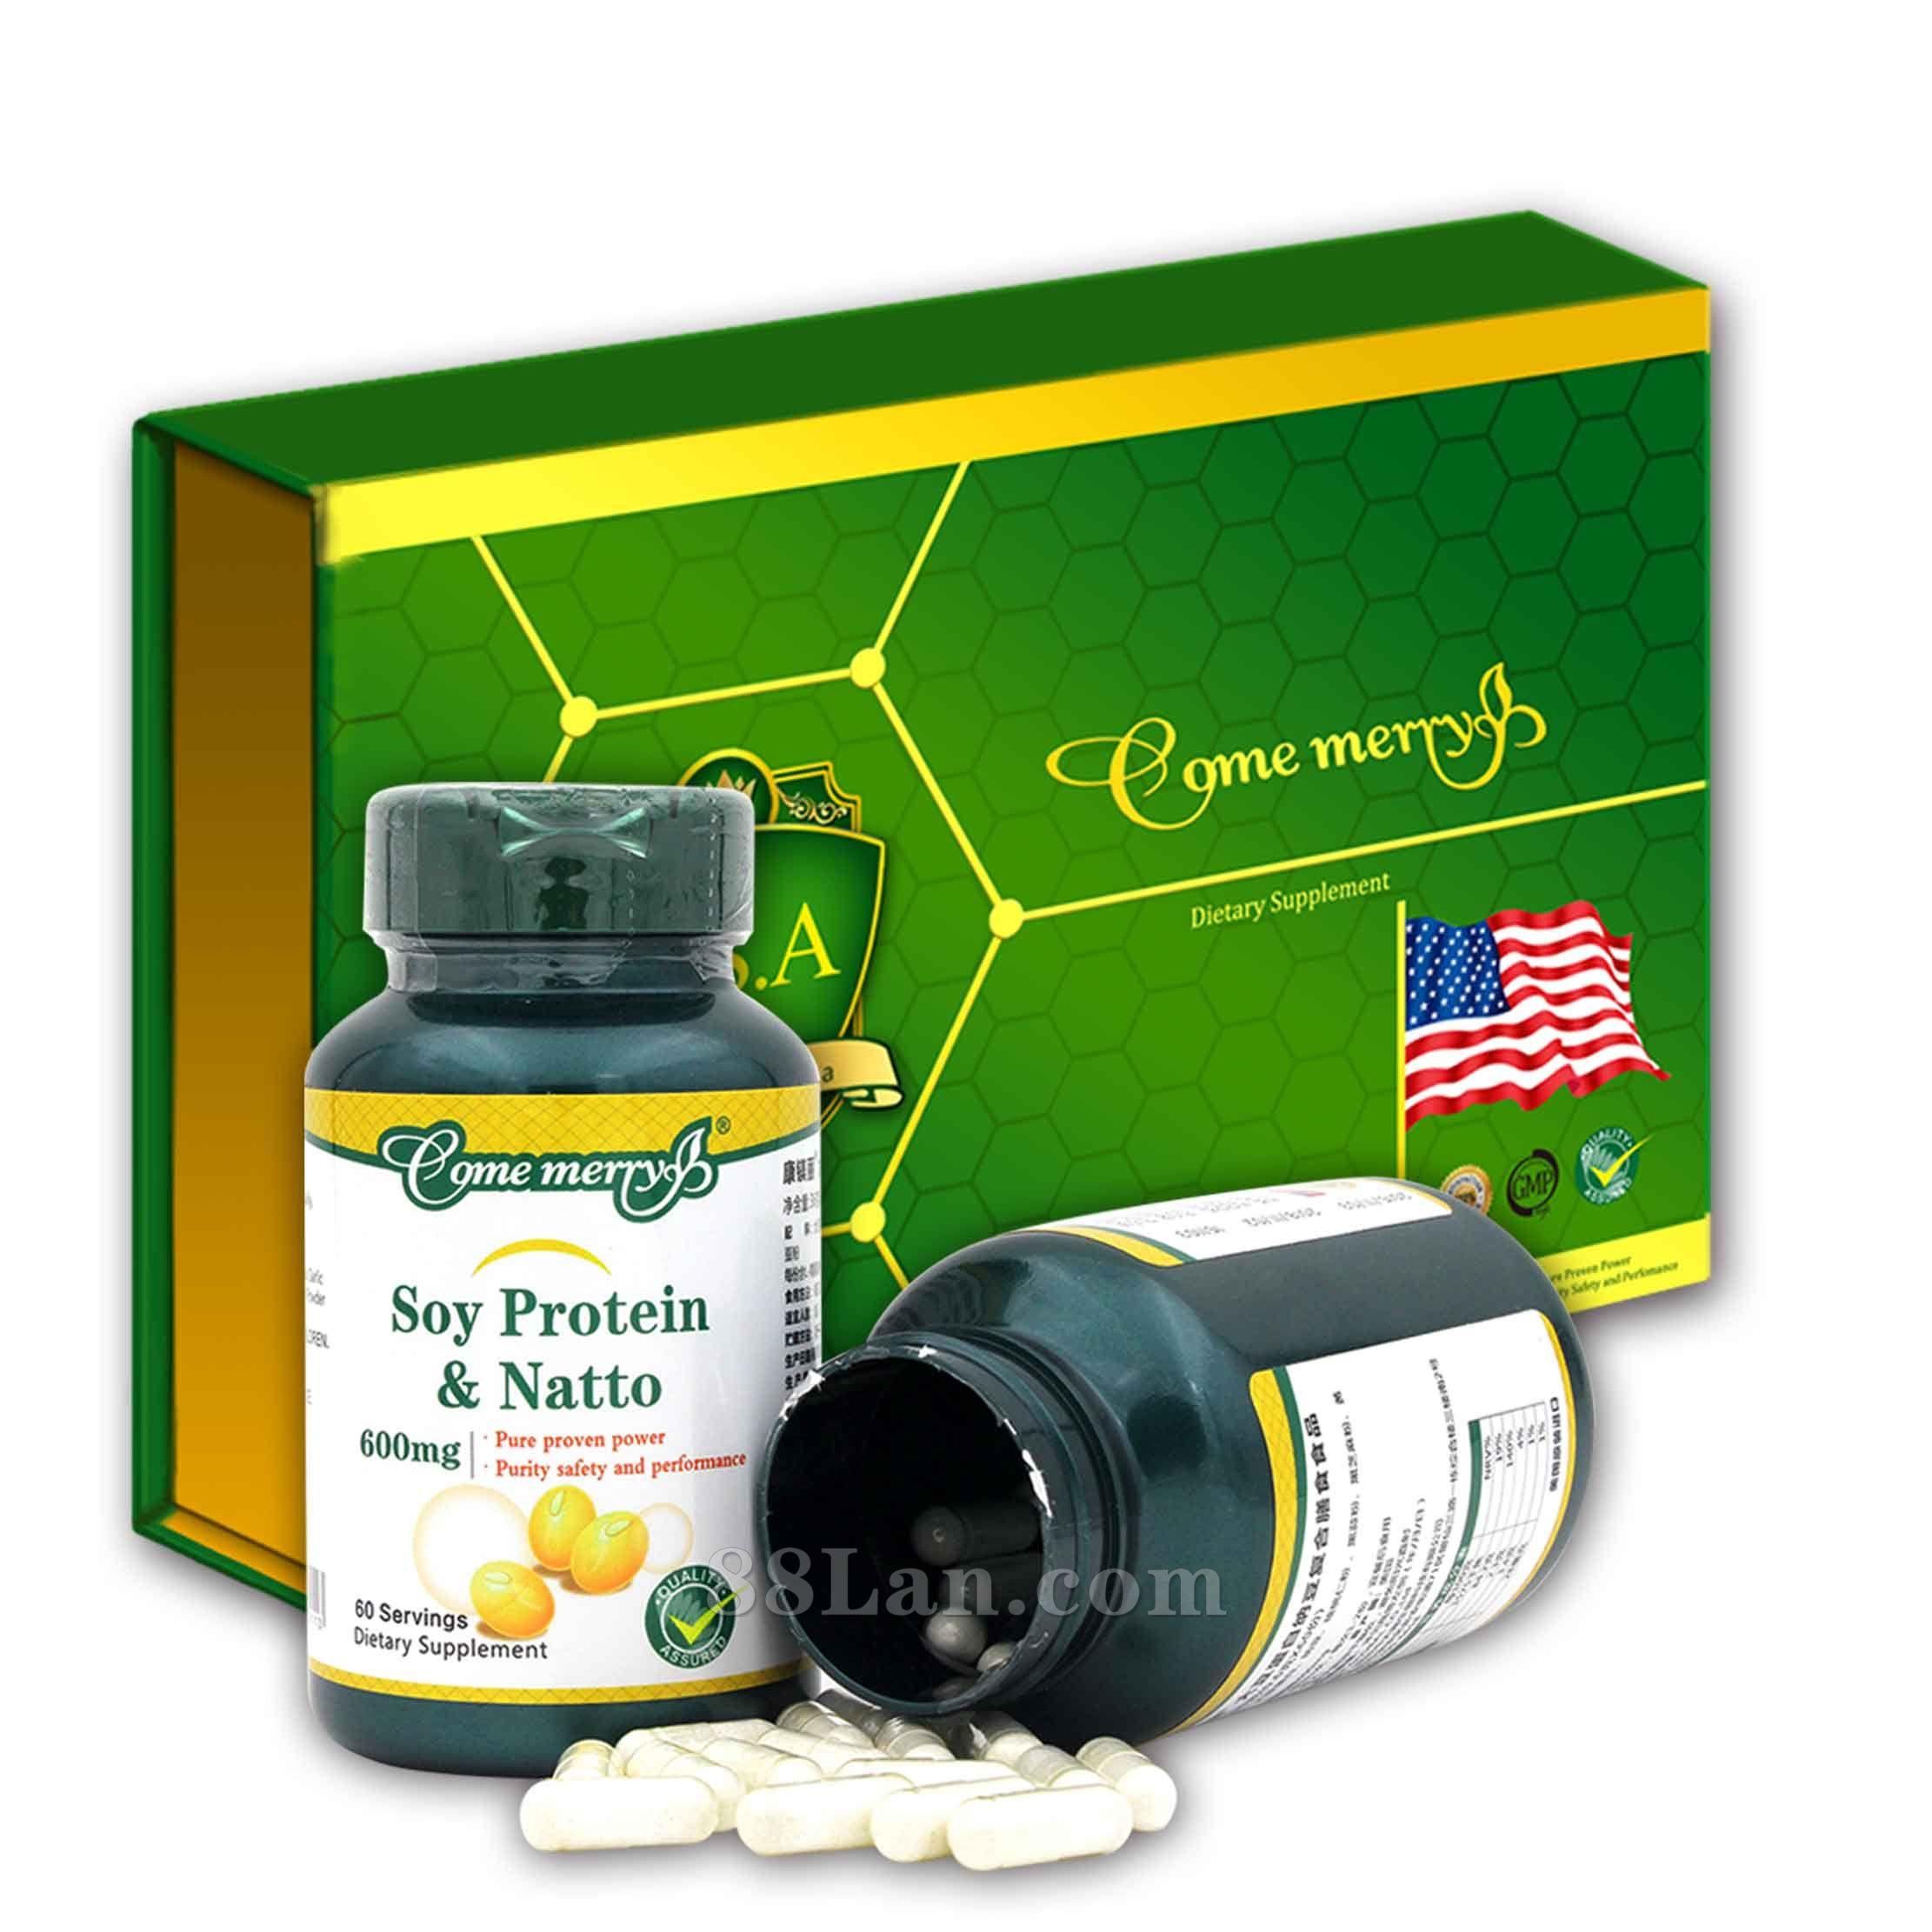 美国原装进口一氧化氮胶囊(大豆蛋白)--礼盒装